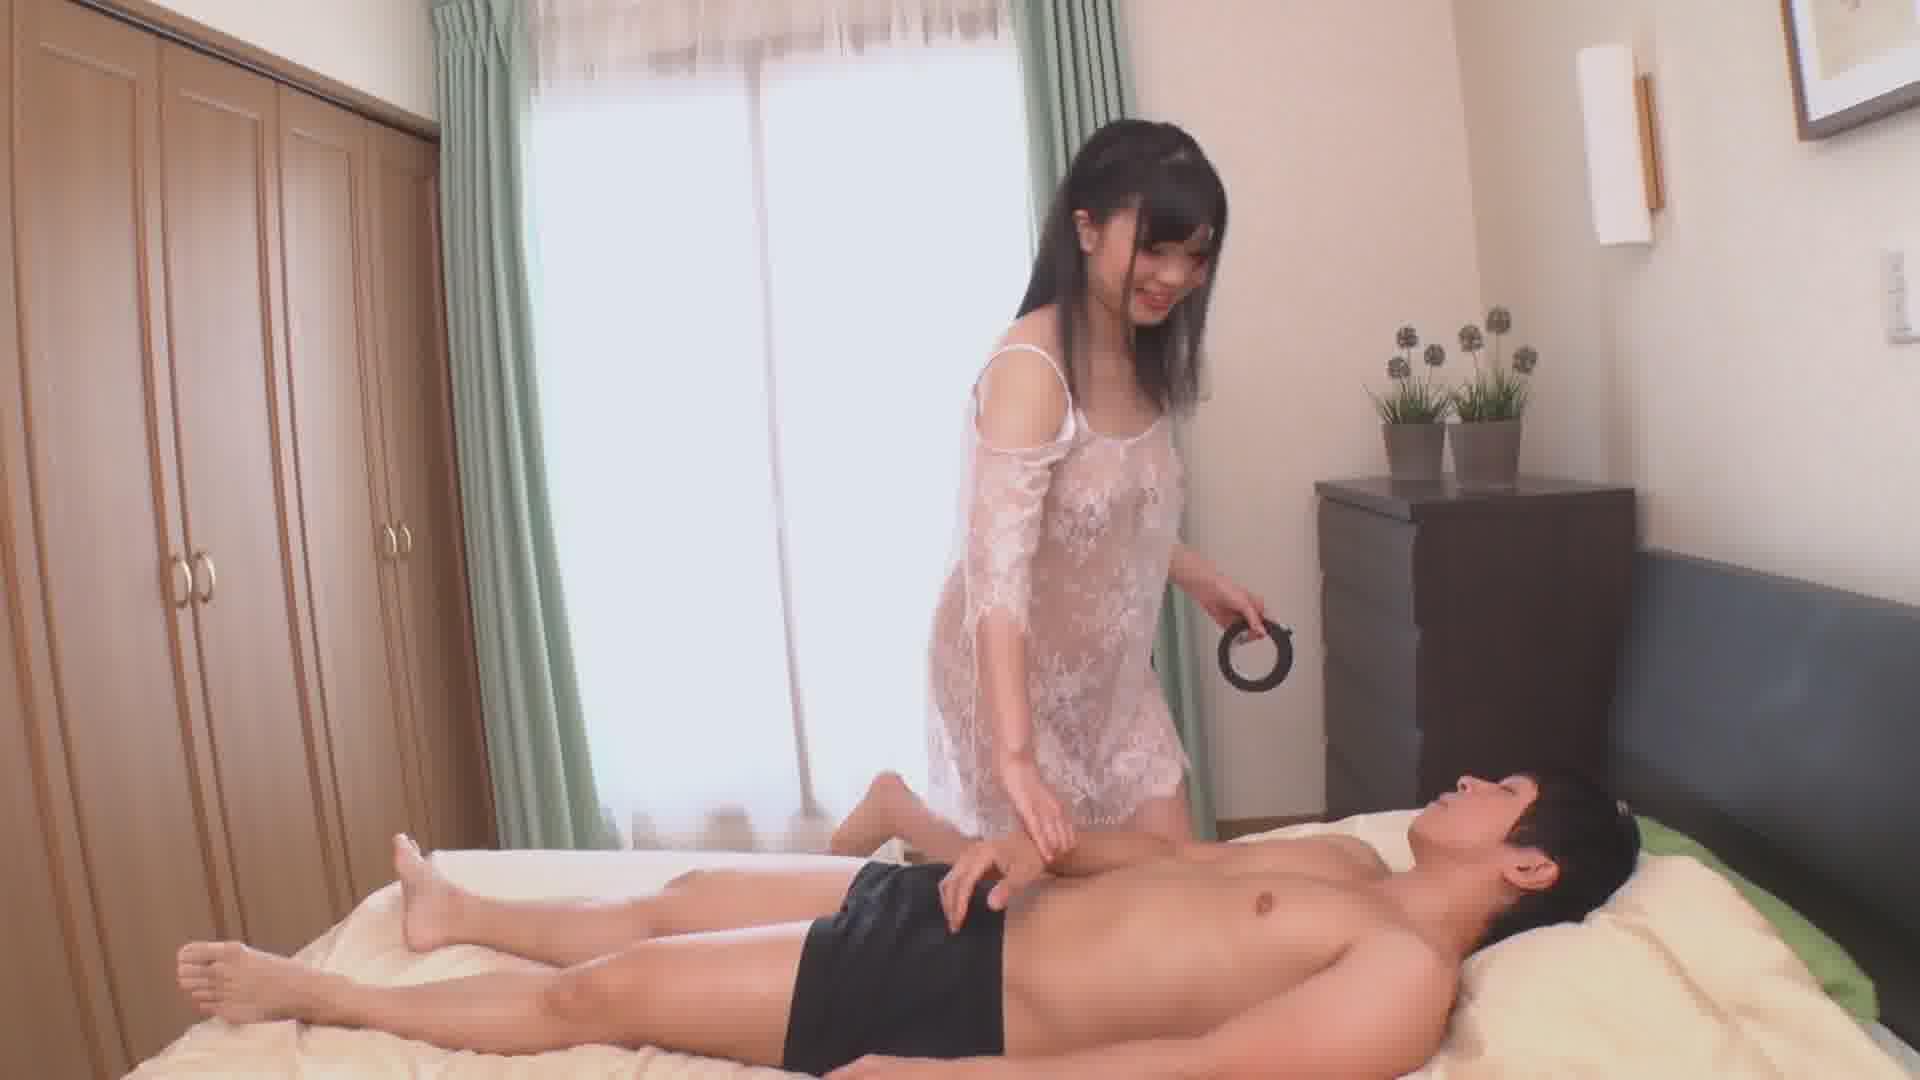 色白なムチムチボディのプッシーキャット - 藤沢えみり【痴女・巨乳・オナニー】